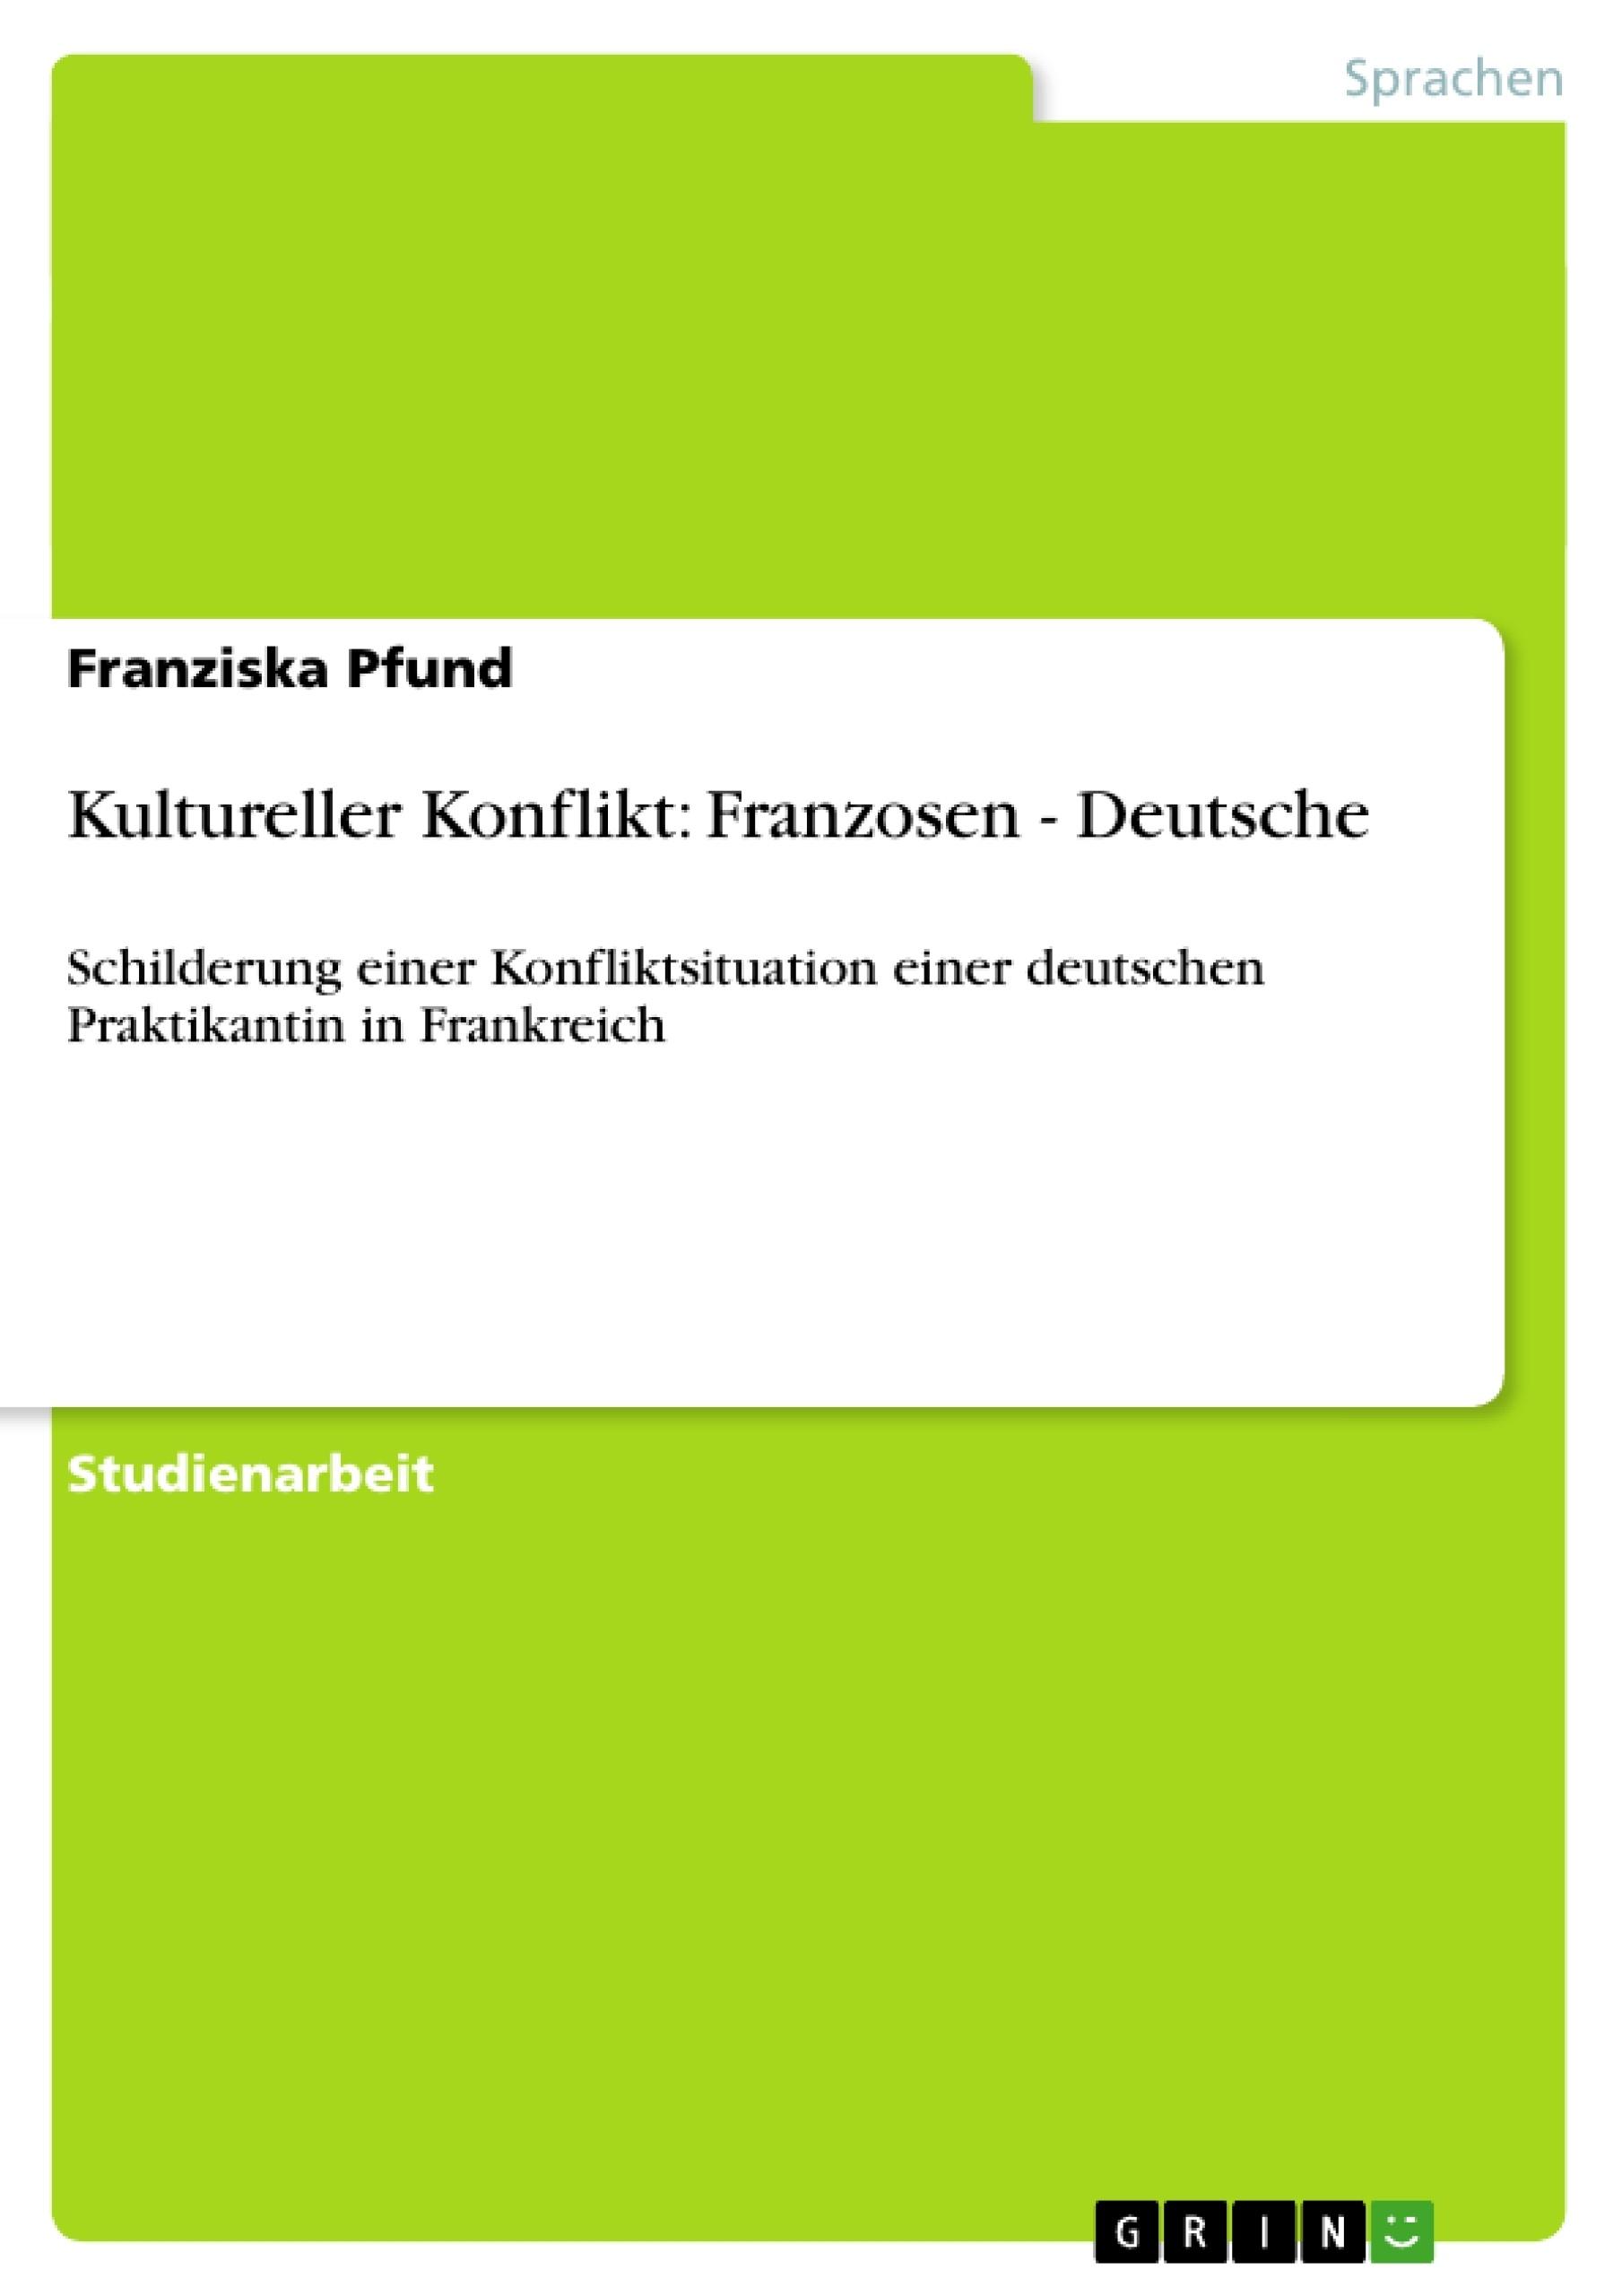 Titel: Kultureller Konflikt: Franzosen - Deutsche